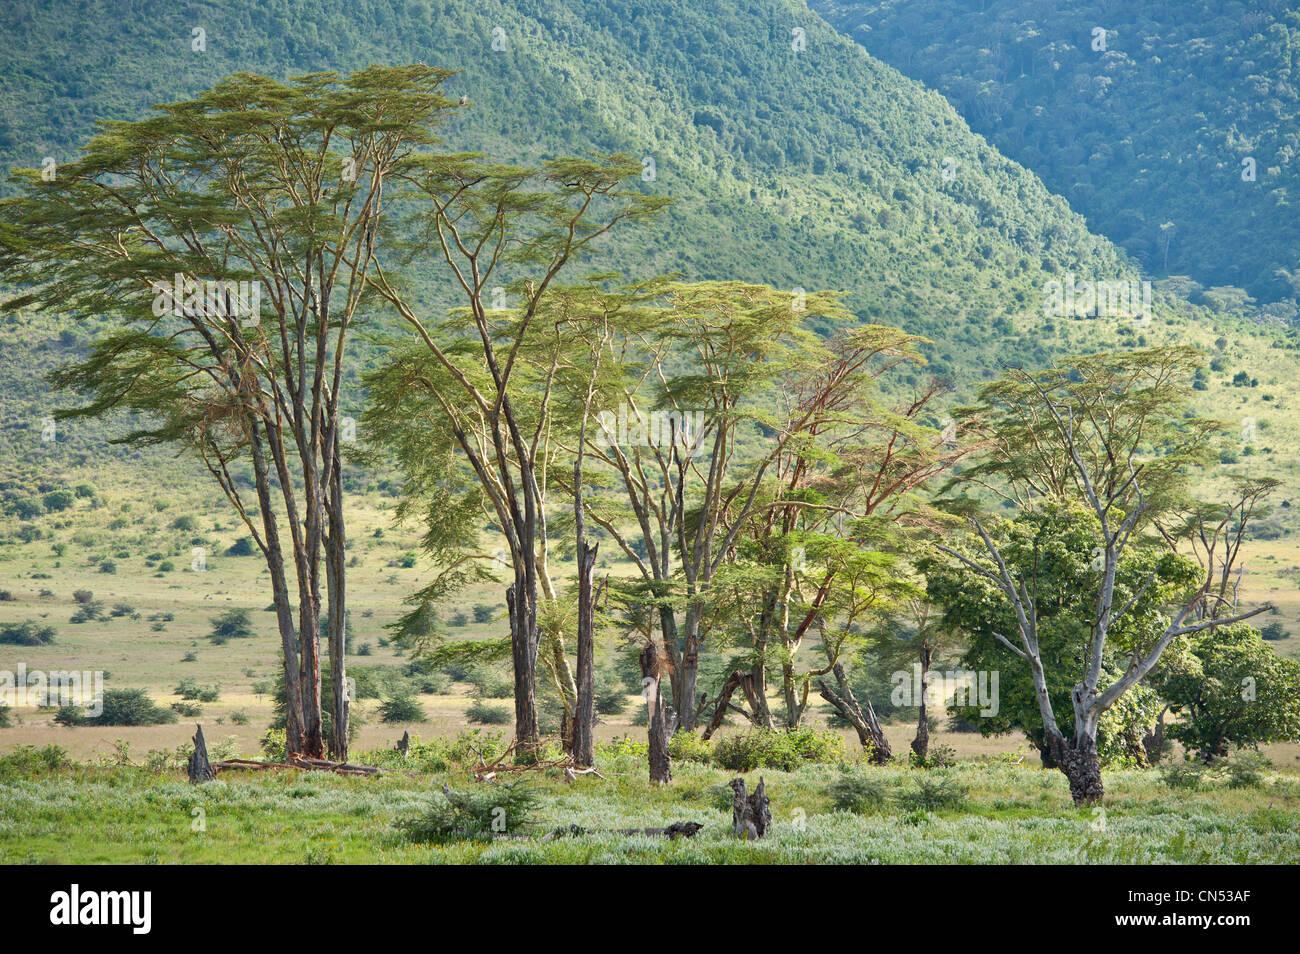 Tanzania, Arusha Region, Ngorongoro Conservation Area, listed as World Heritage by UNESCO, the Ngorongoro crater, - Stock Image